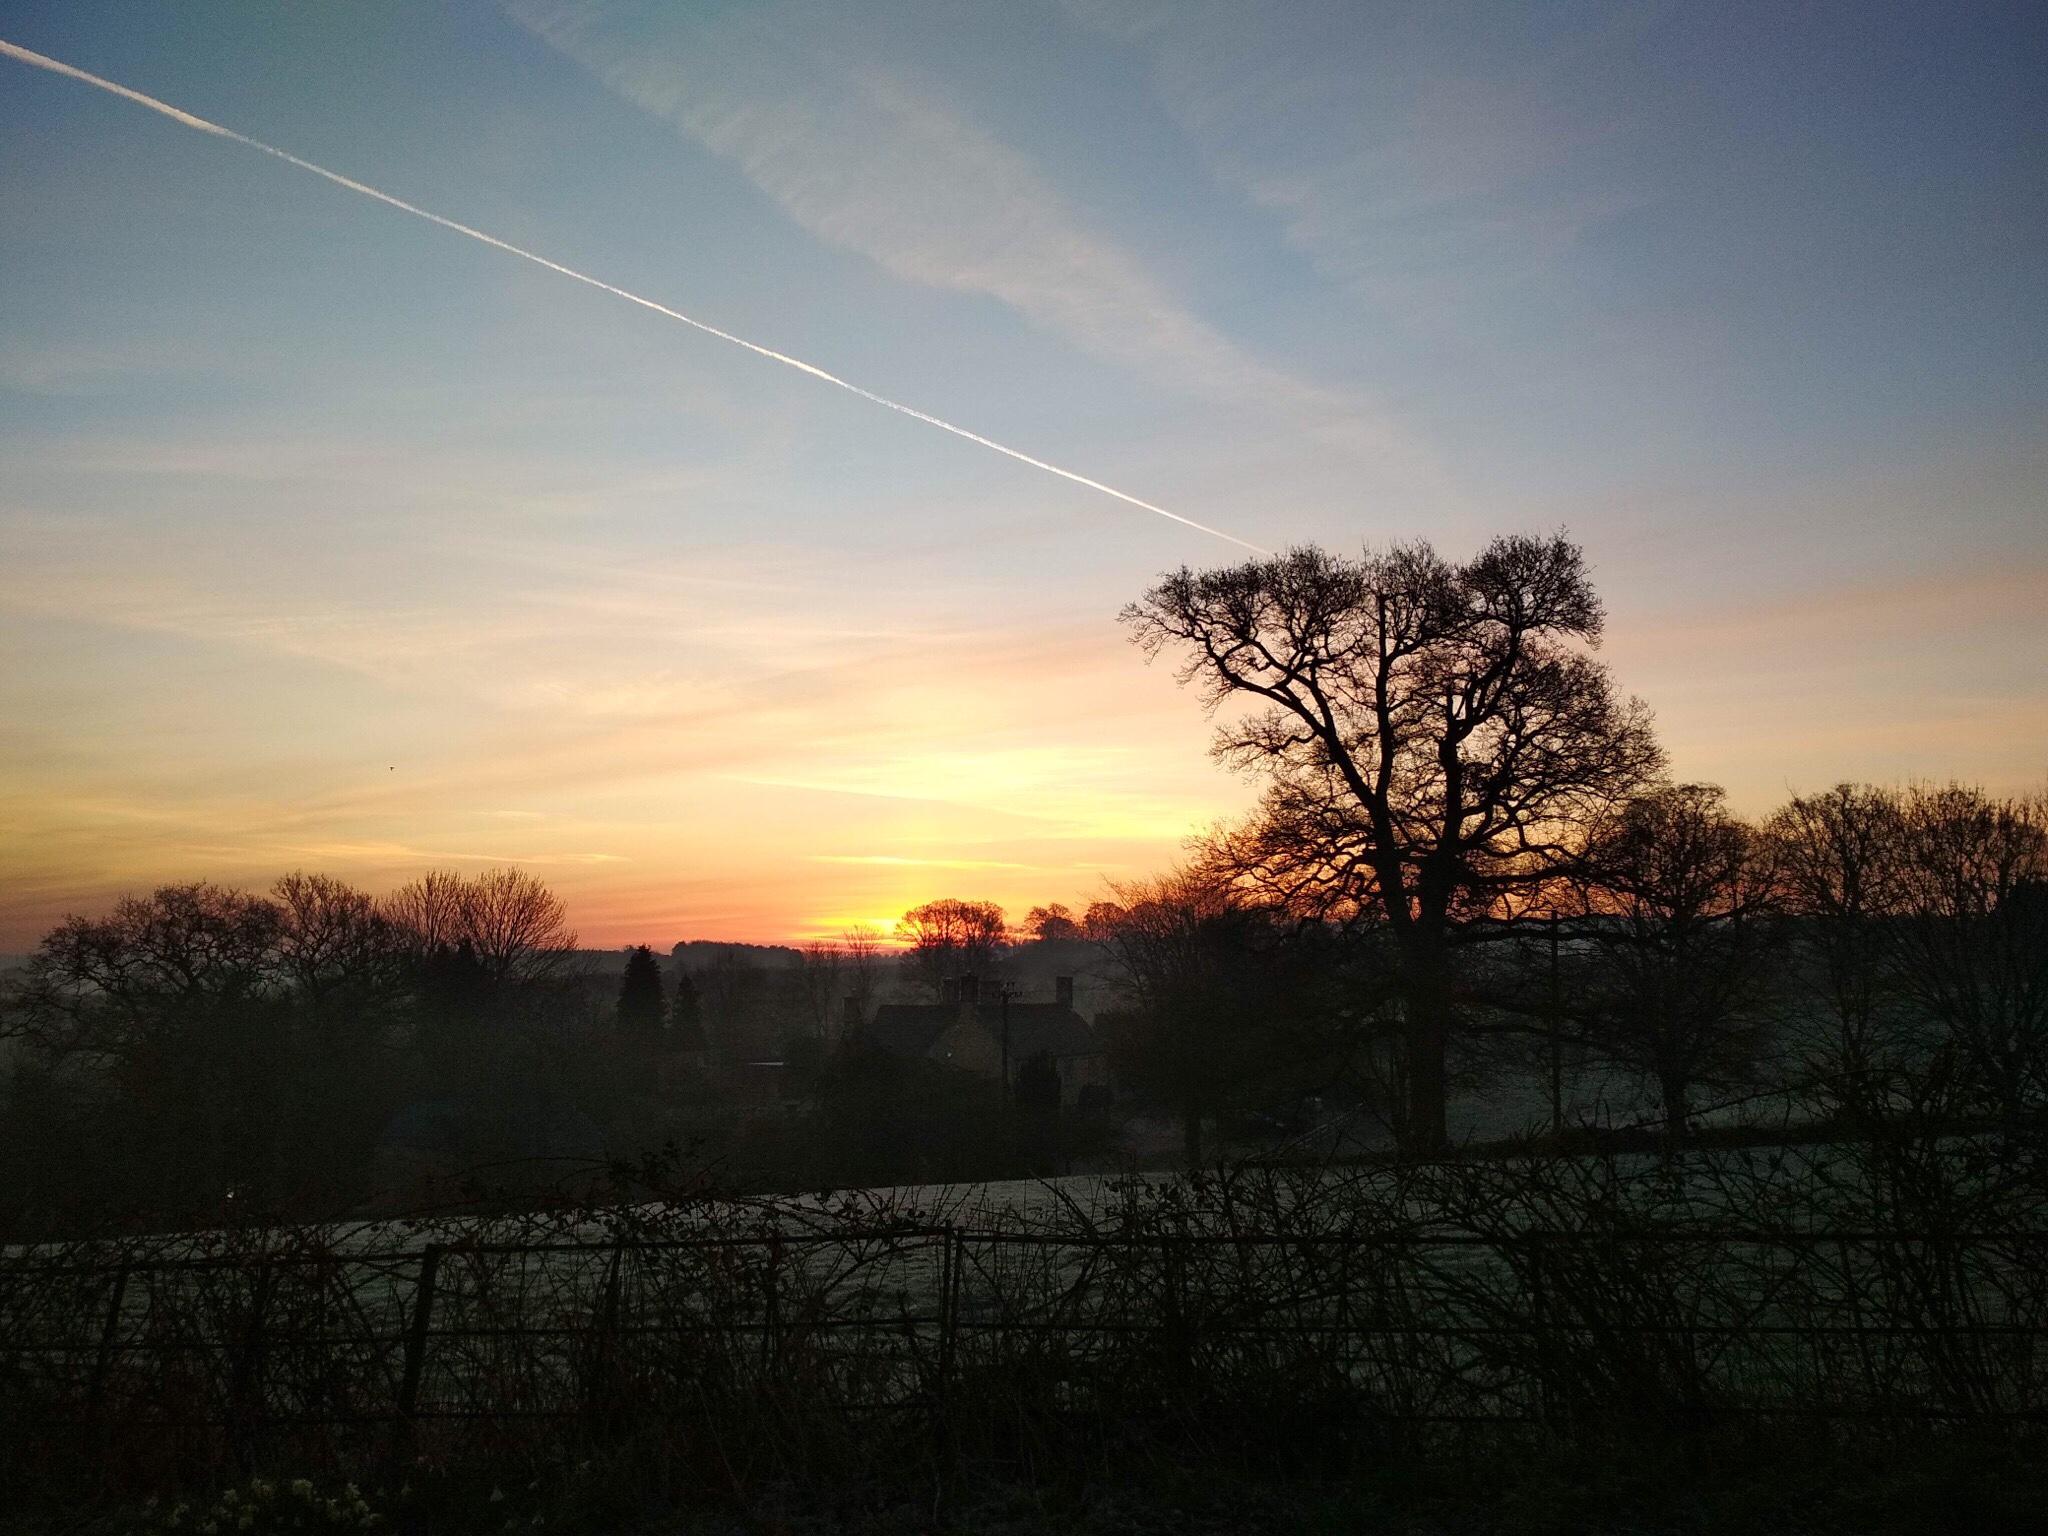 paisaje naturaleza amanecer